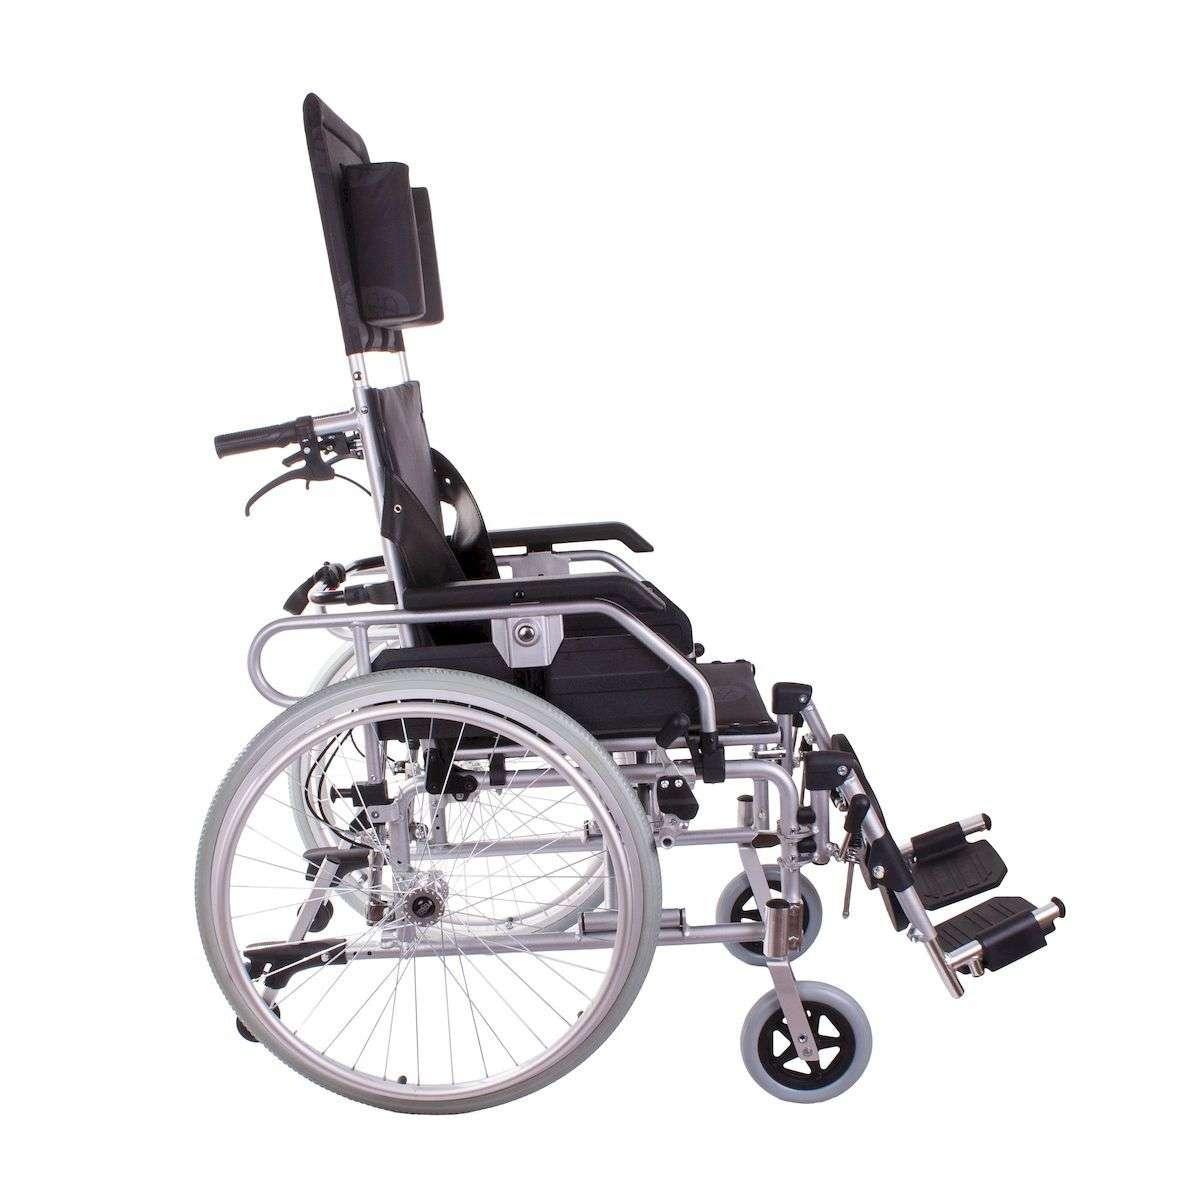 Многофункциональная инвалидная коляска OSD Recliner Modern